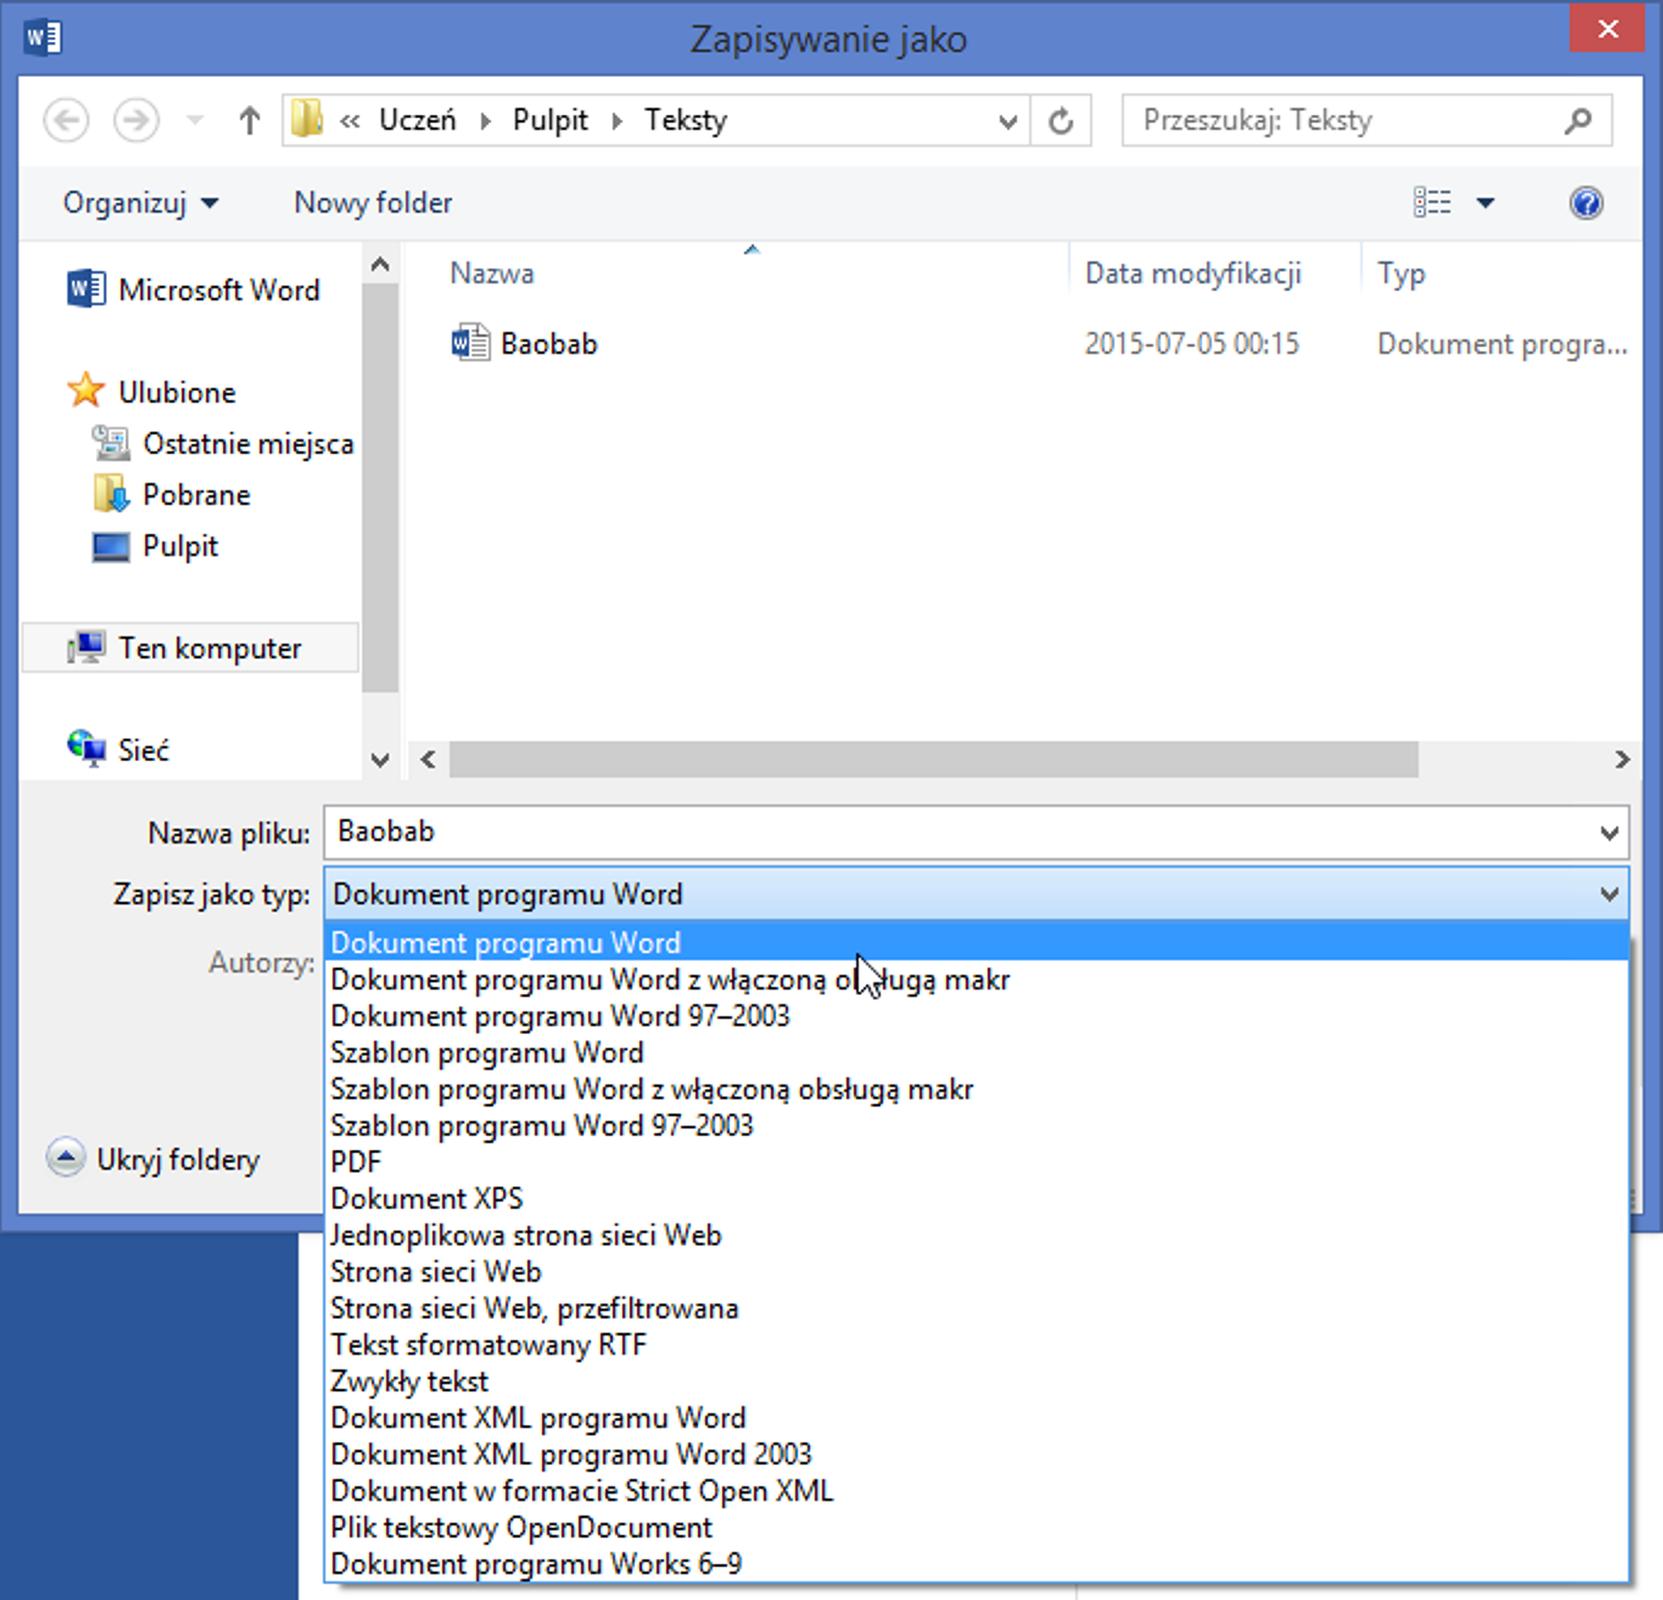 Zrzut okna: Zapisywanie jako zrozwiniętą listą: Zapisz jako typ wprogramie MS Word